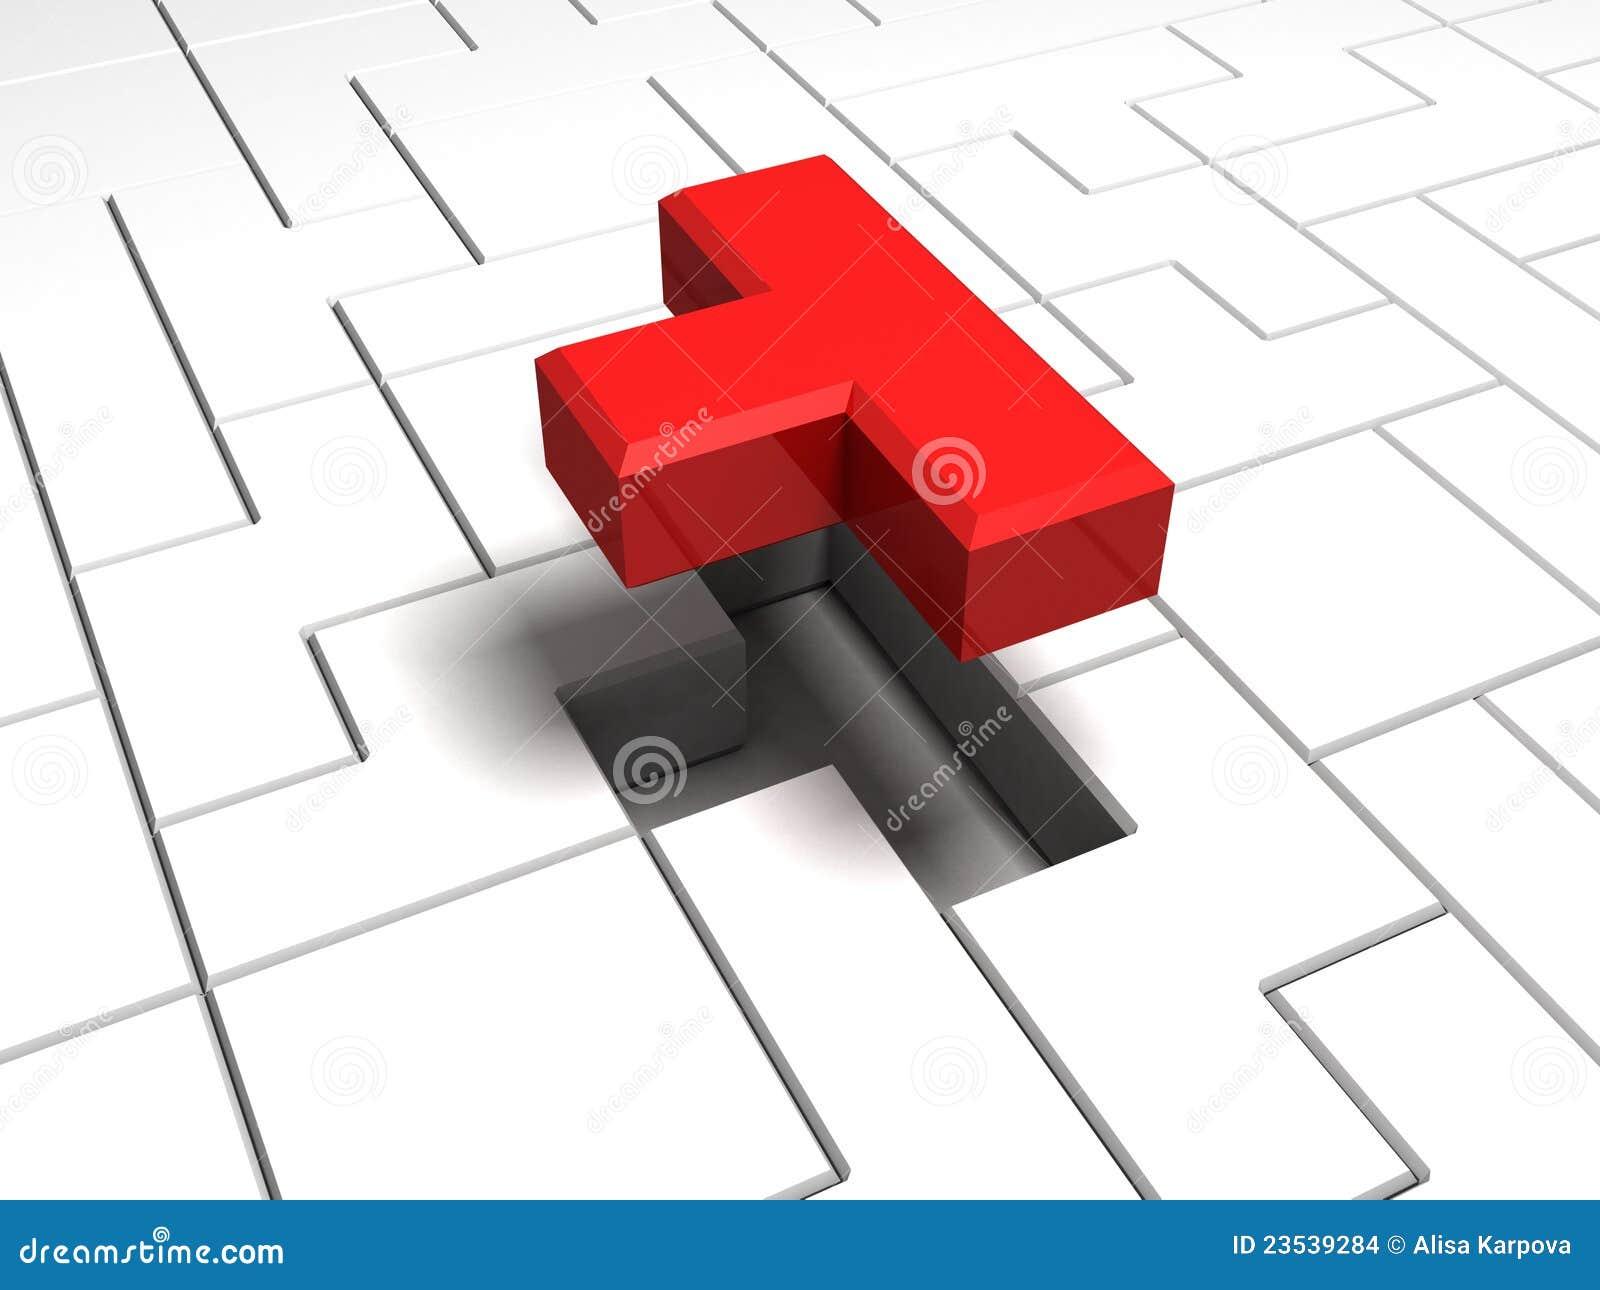 Modigt interlocking en del red